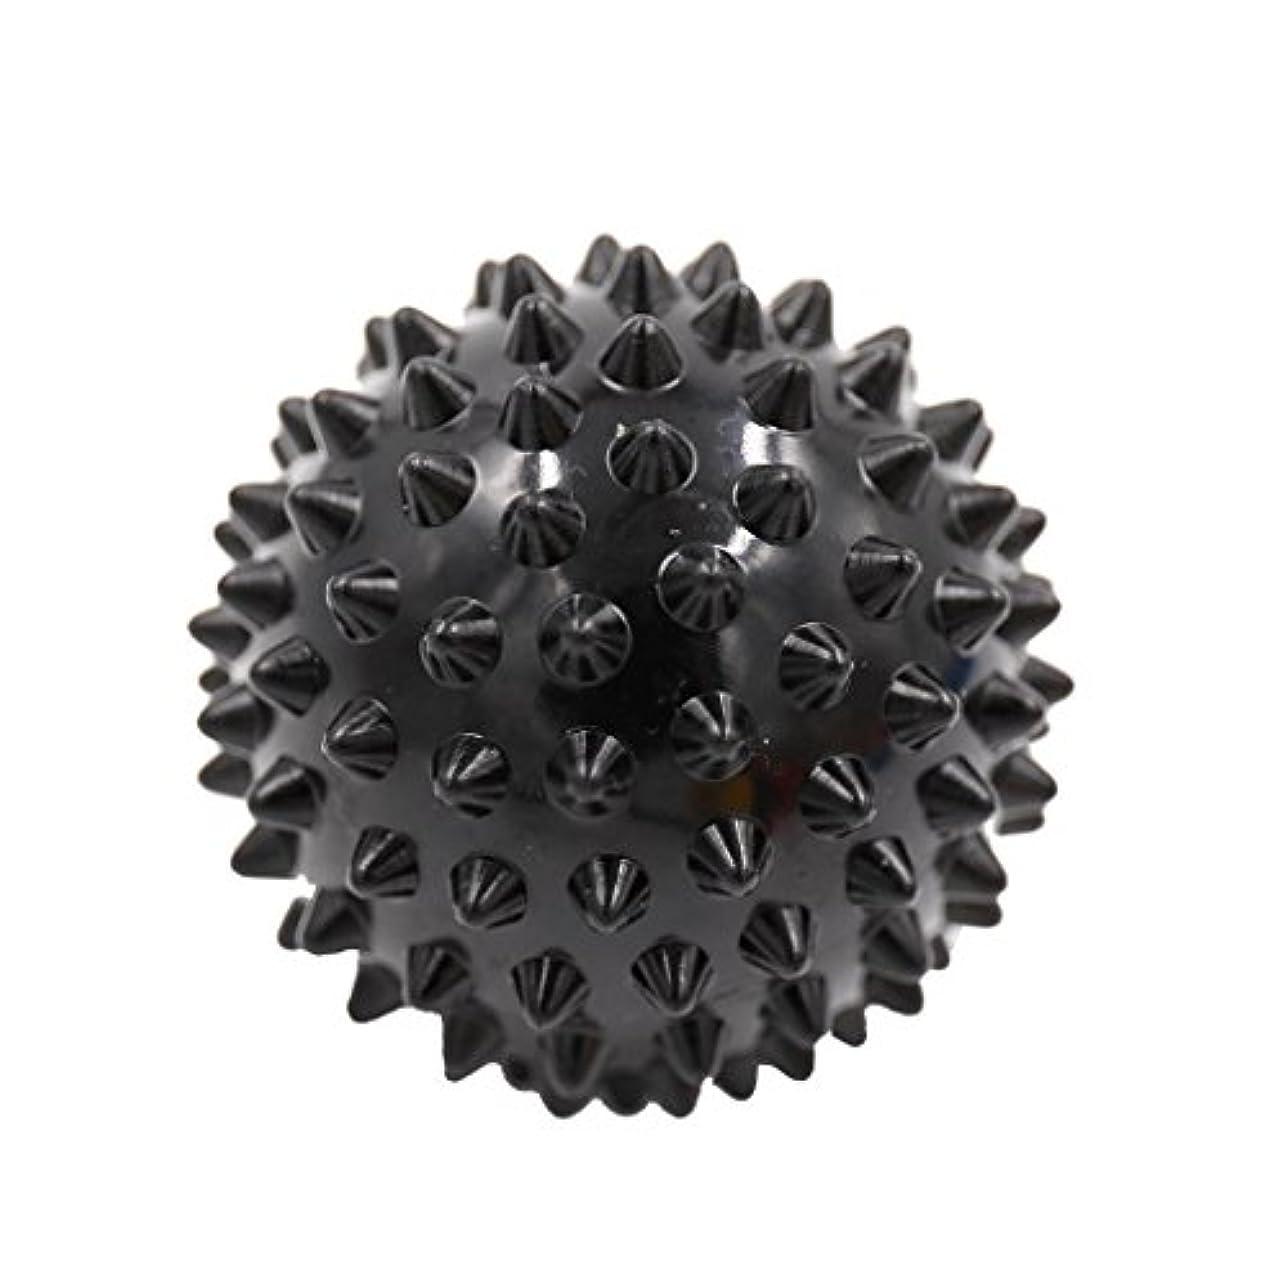 素晴らしい良い多くの類似性献身Baosity マッサージボール マッサージ器 ボディ  スパイク マッサージ 刺激ボール 3色選べ - ブラック